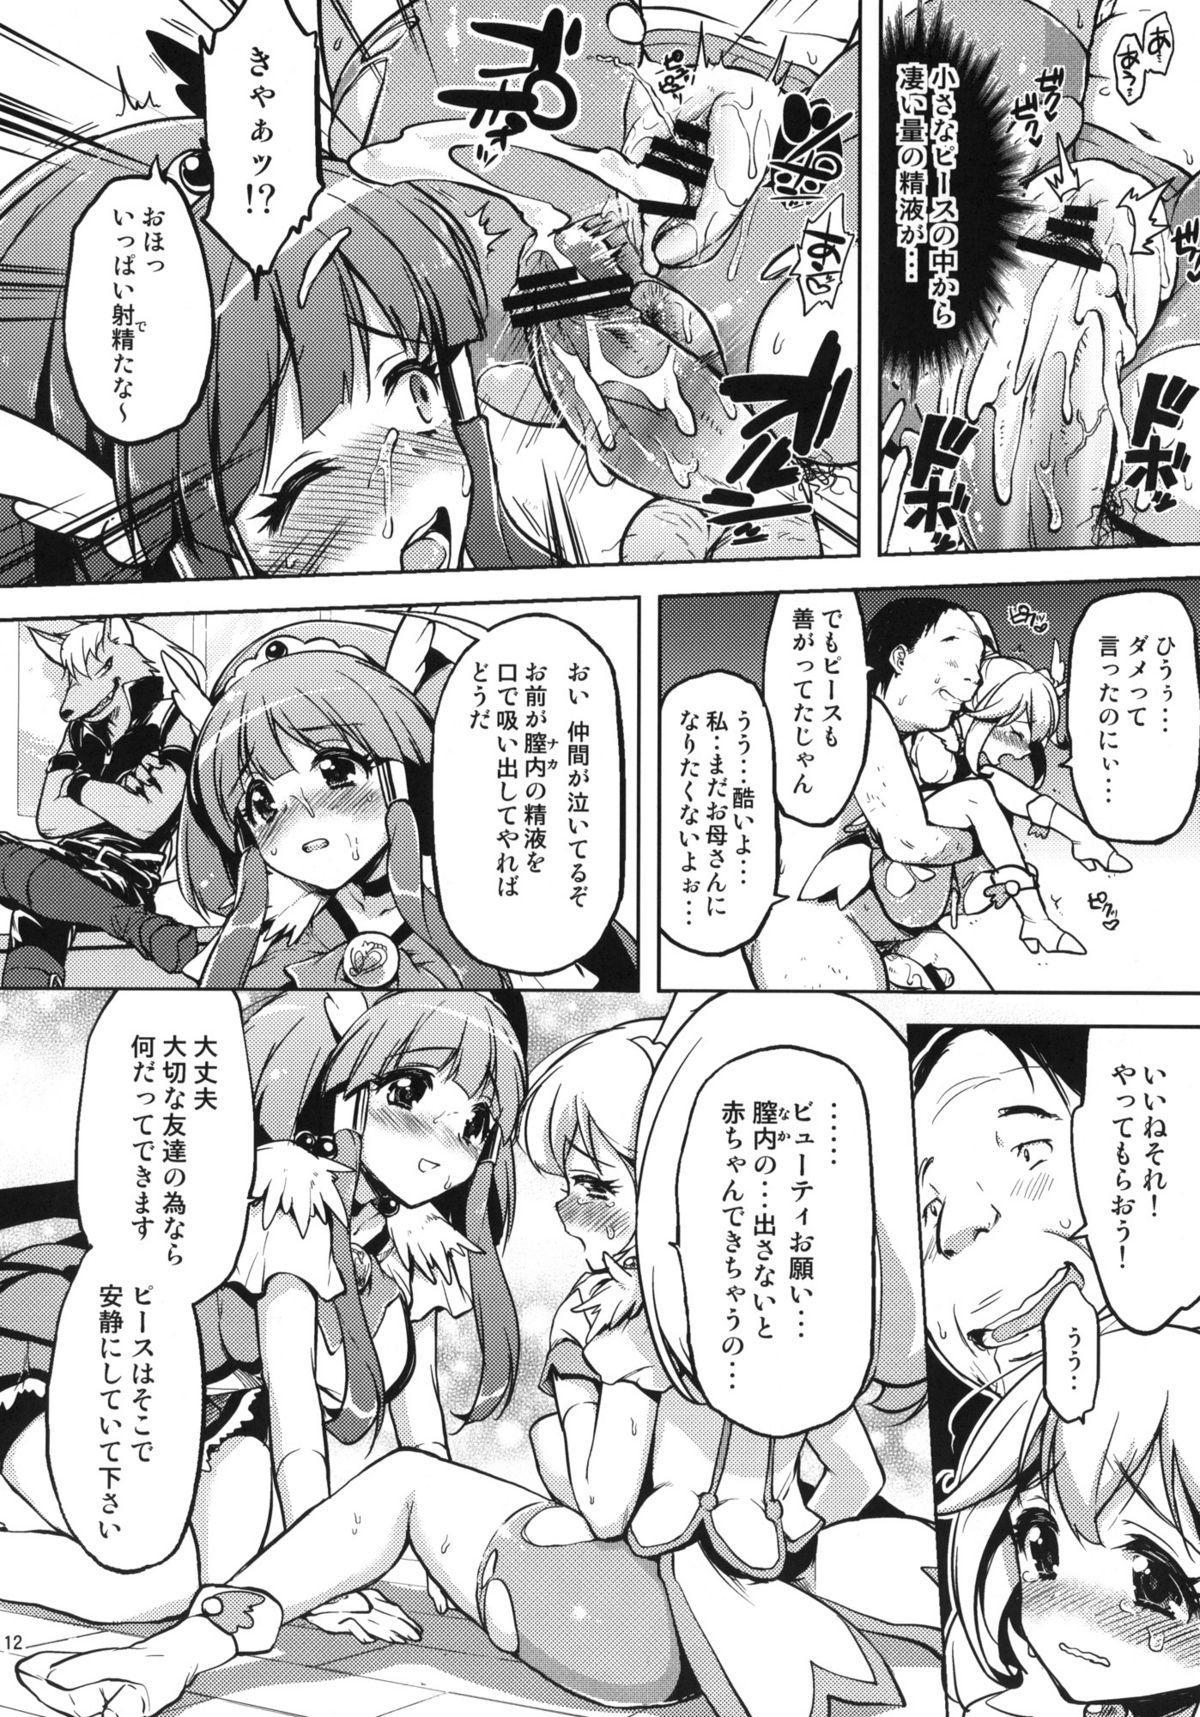 Ai no Nai Sex nado Watakushi ga Yurushimasen! 10